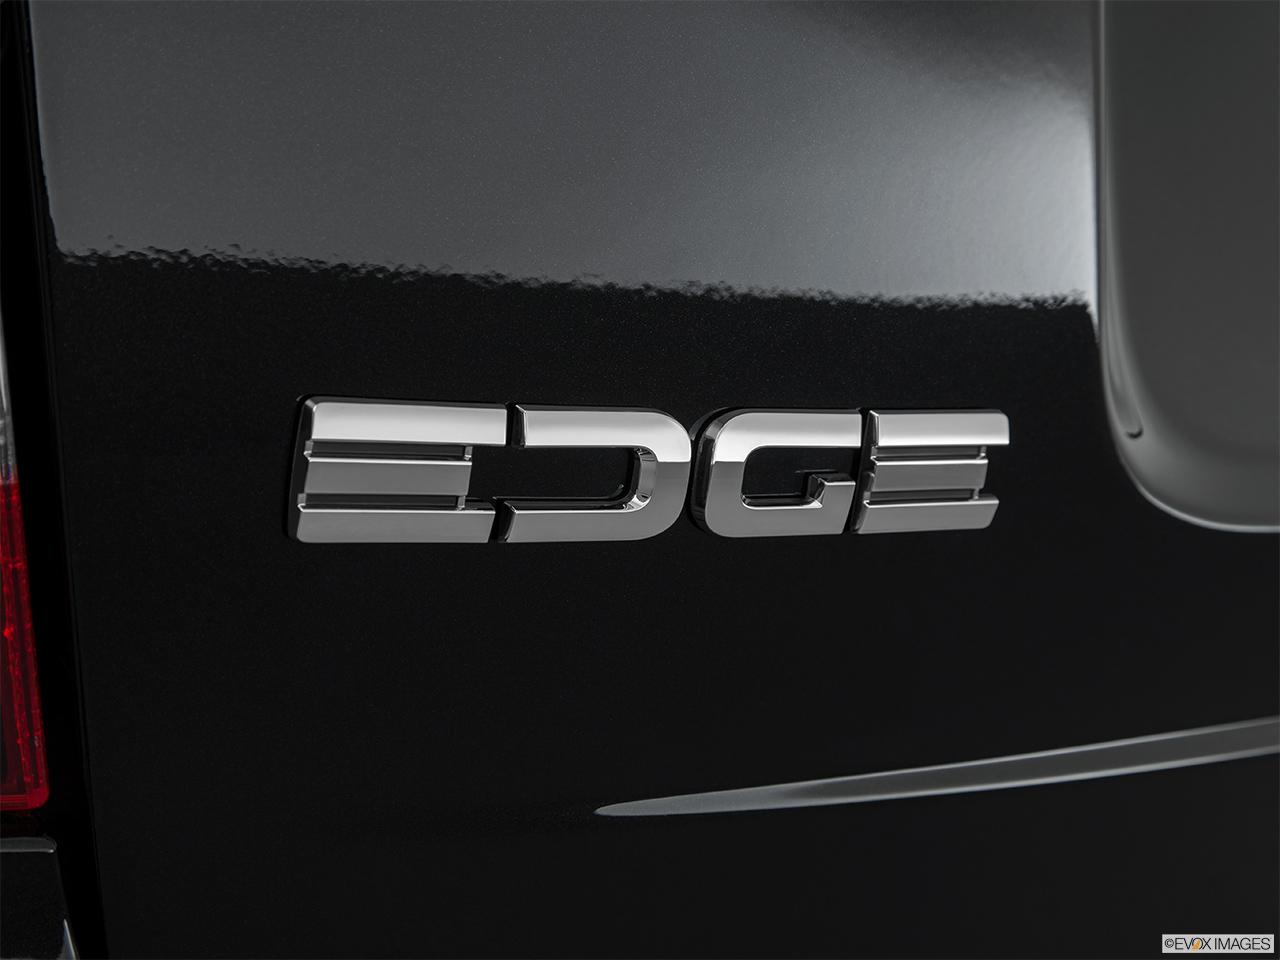 Ford Edge  Door Titanium Fwd Rear Model Badge Emblem